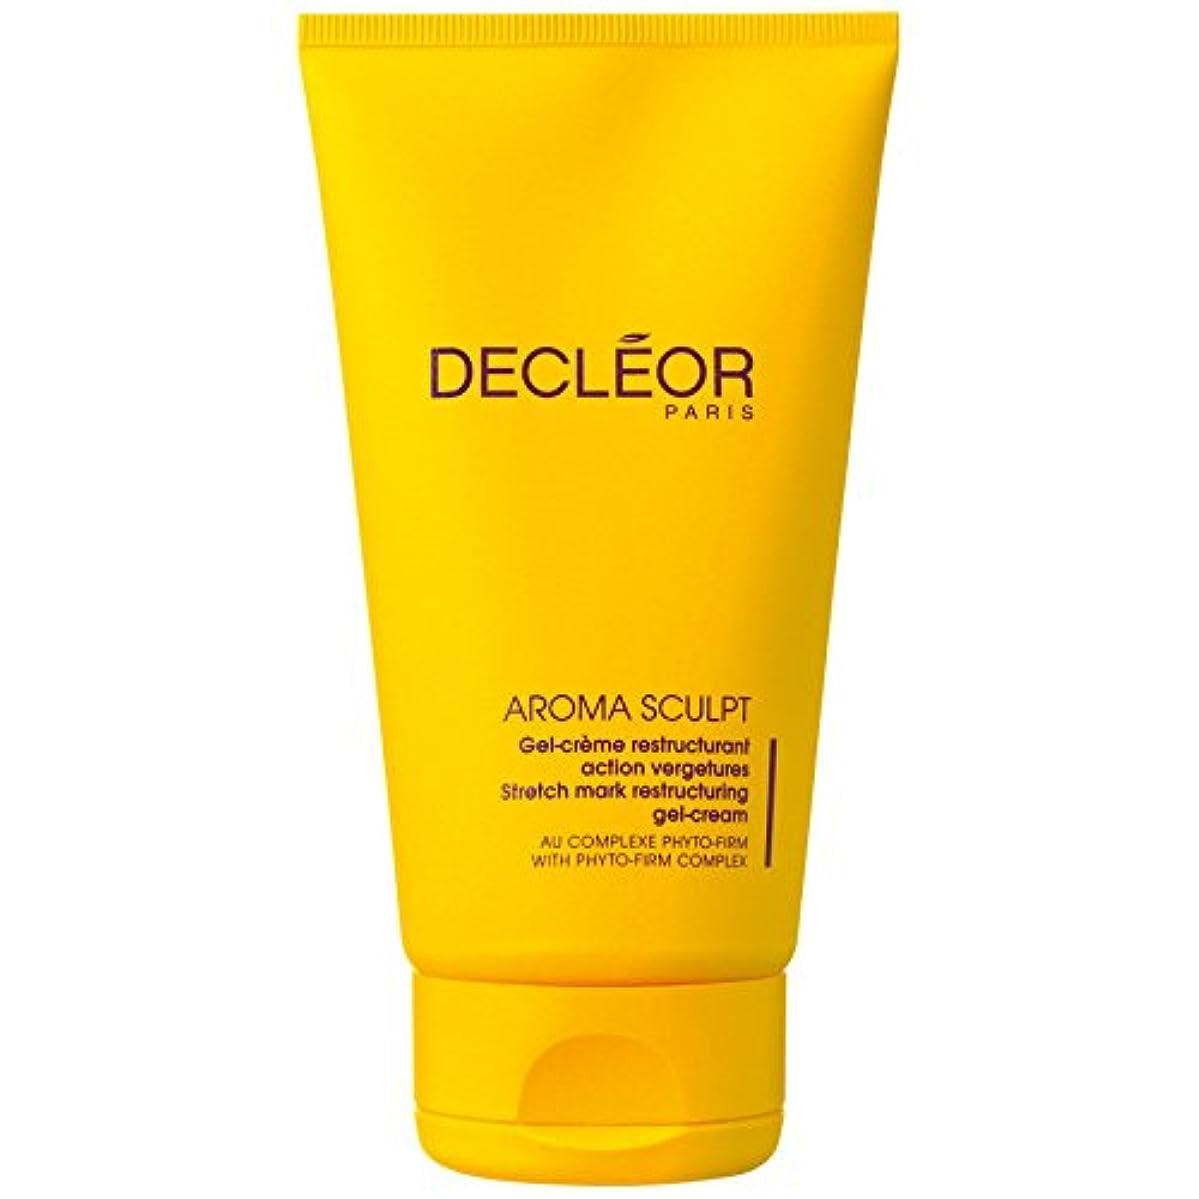 マリナー説明手首[Decl?or] デクレオールアロマスカルプトストレッチマークリストラゲルクリーム150ミリリットル - Decl?or Aroma Sculpt Stretch Mark Restructuring Gel Cream 150ml [並行輸入品]